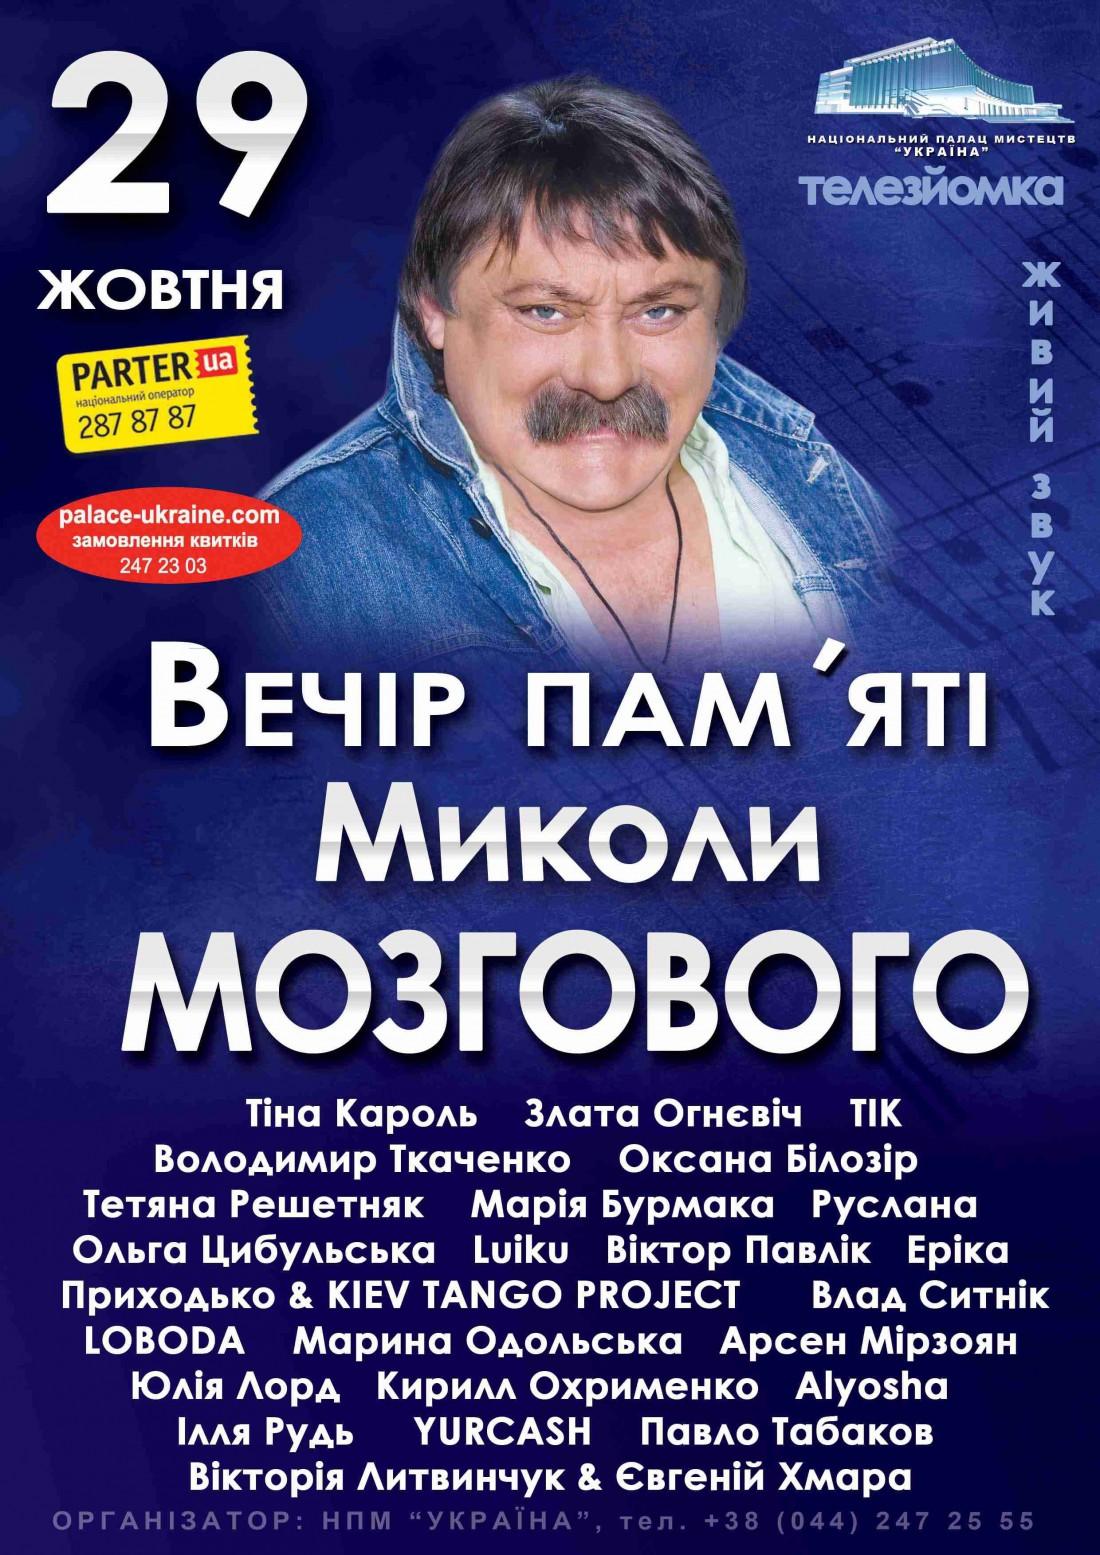 Концерт памяти Николая Мозгового состоится 29 октября во Дворце Украина